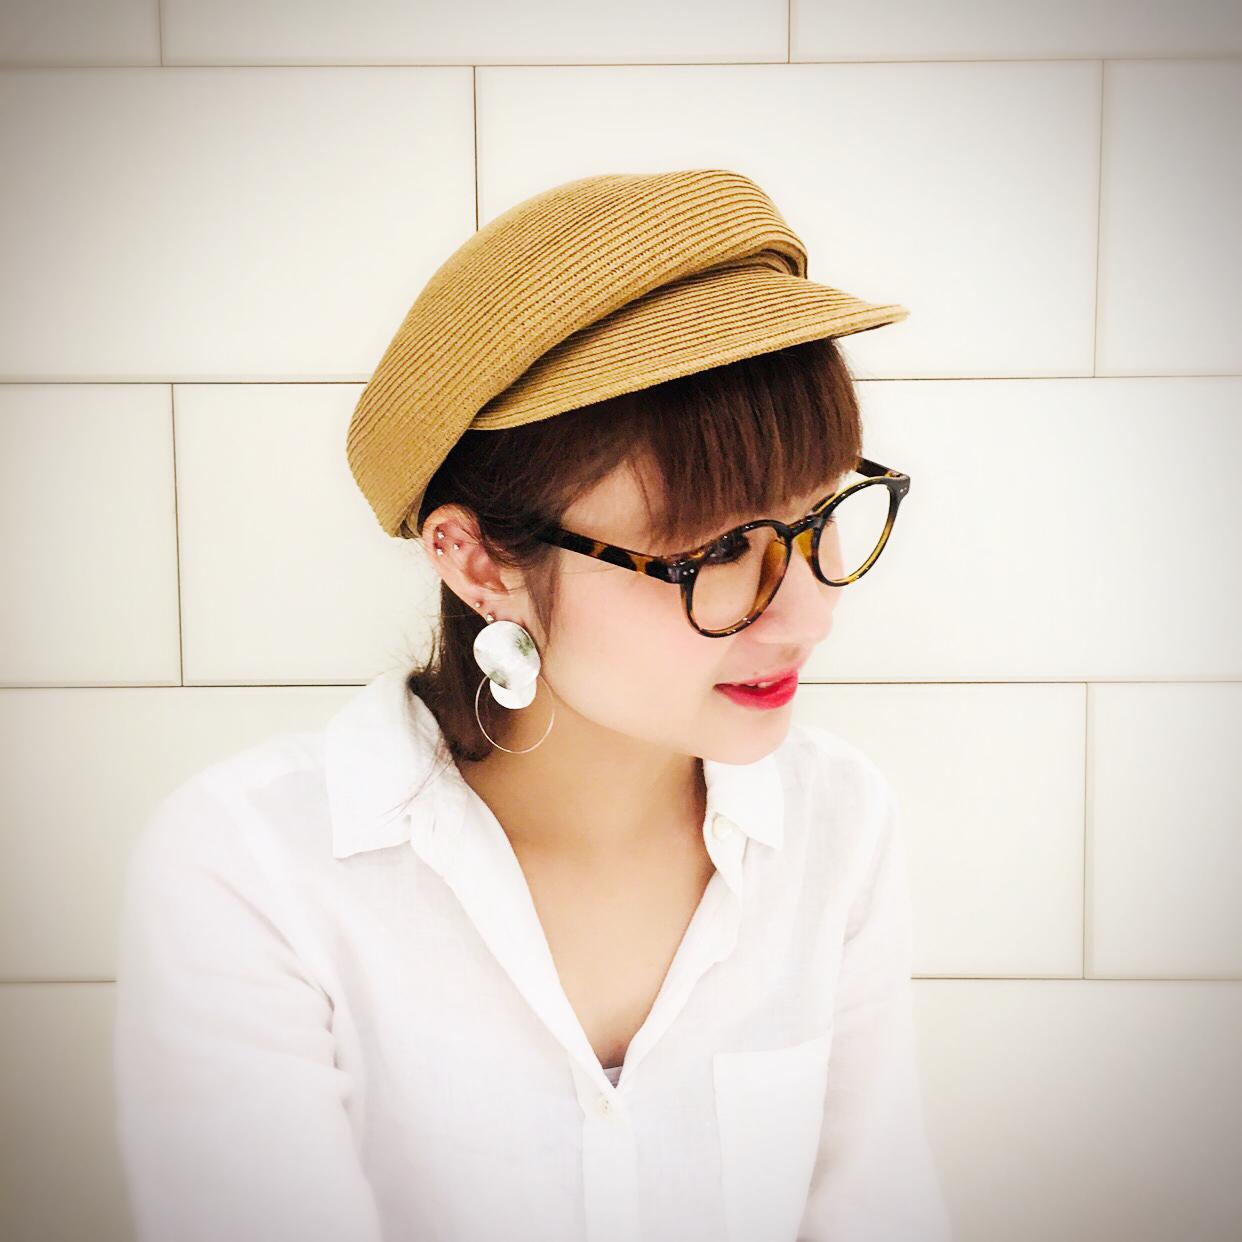 スクラップブック 渋谷 帽子 cap キャップ 夏素材 ペーパー